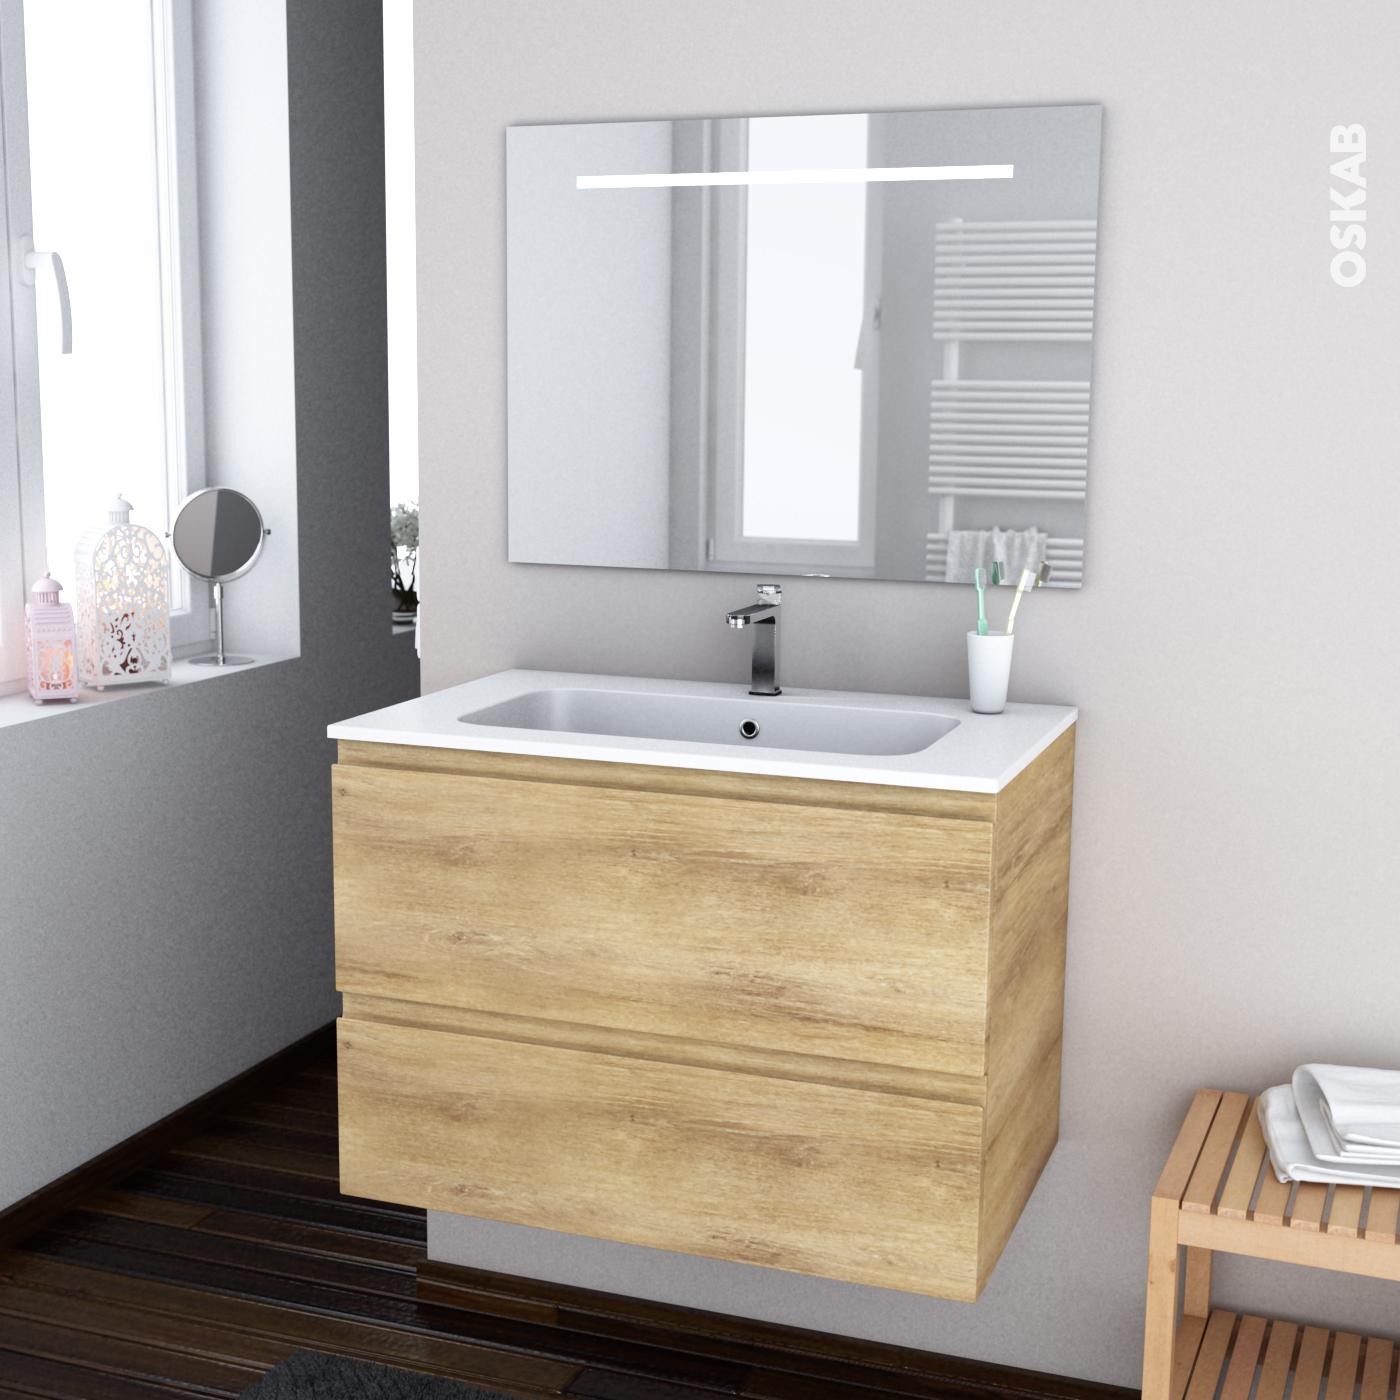 Salle De Bain Plan Vasque Bois ~ ensemble salle de bains meuble ipoma bois plan vasque r sine miroir